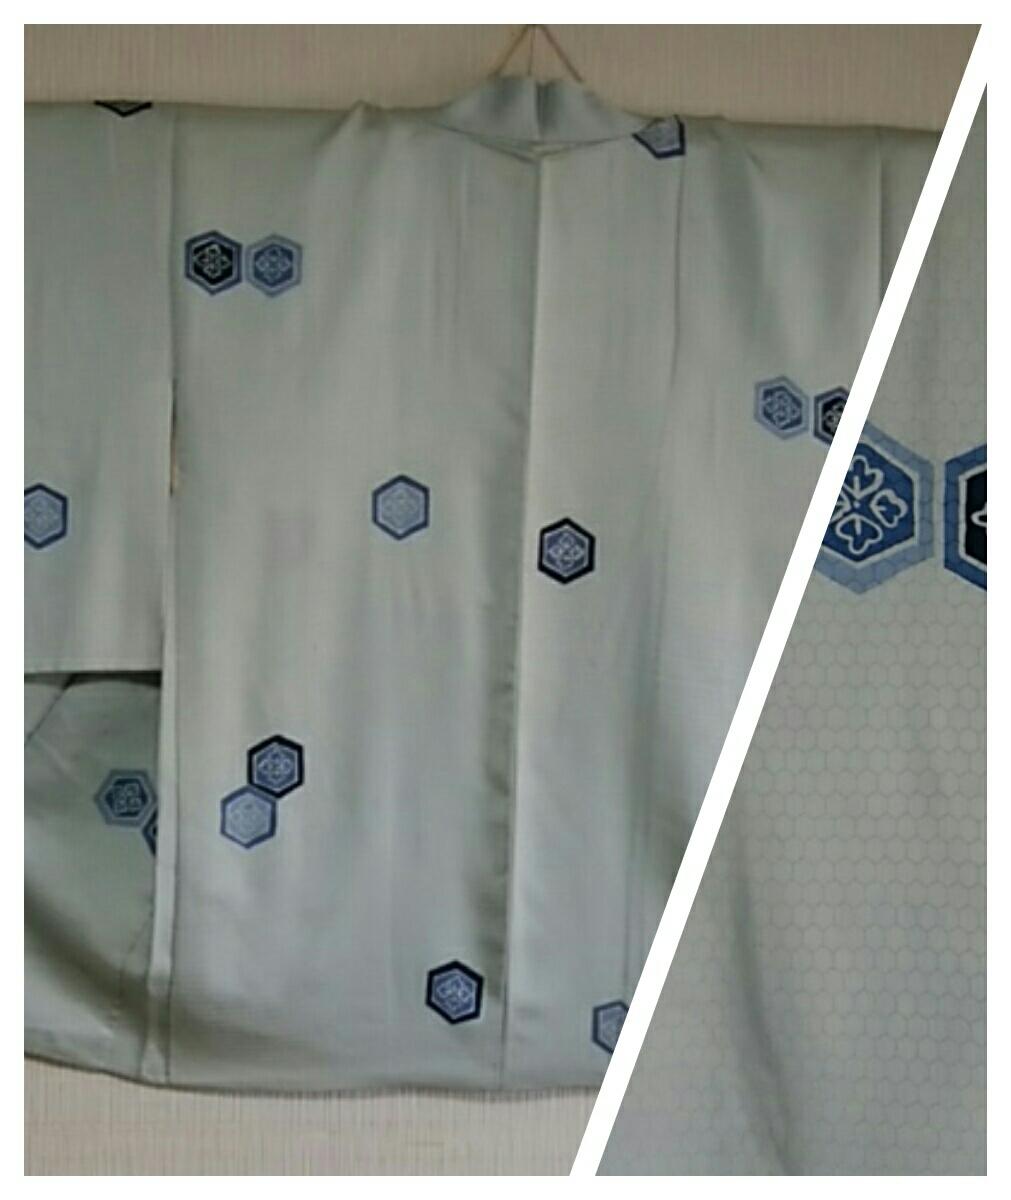 [お洒落羽織]正絹/袷/羽織丈80cm/羽織紐/瓶覗き色/亀甲の地模様に亀甲の柄